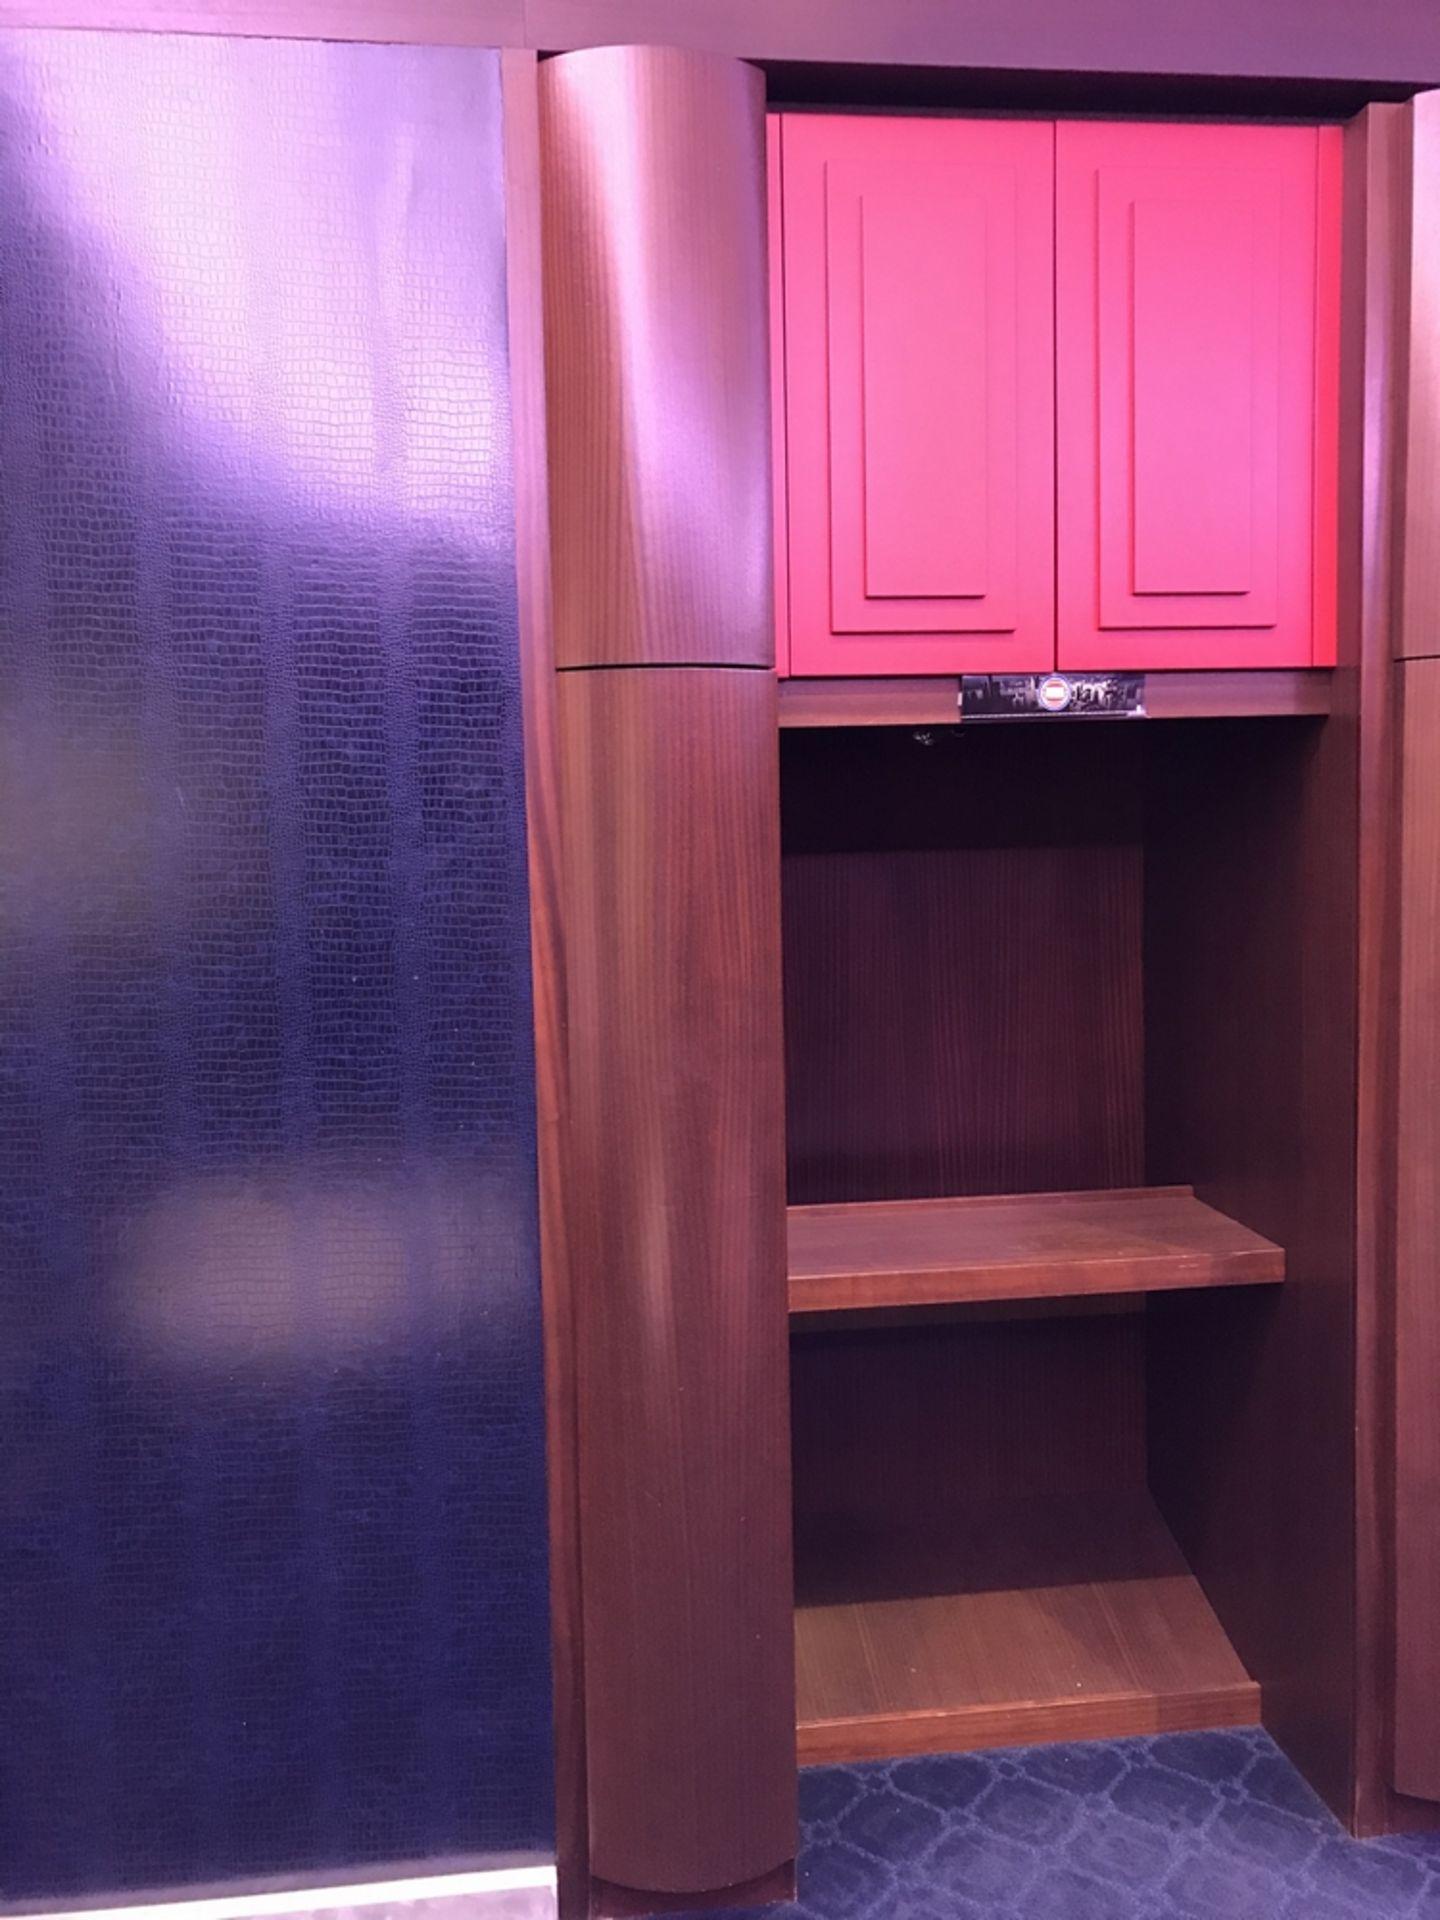 Lot 13 - Piston Player Locker , Dim. 60 in w x 107 in h x 35 in d , Location: Locker Room ***Note from